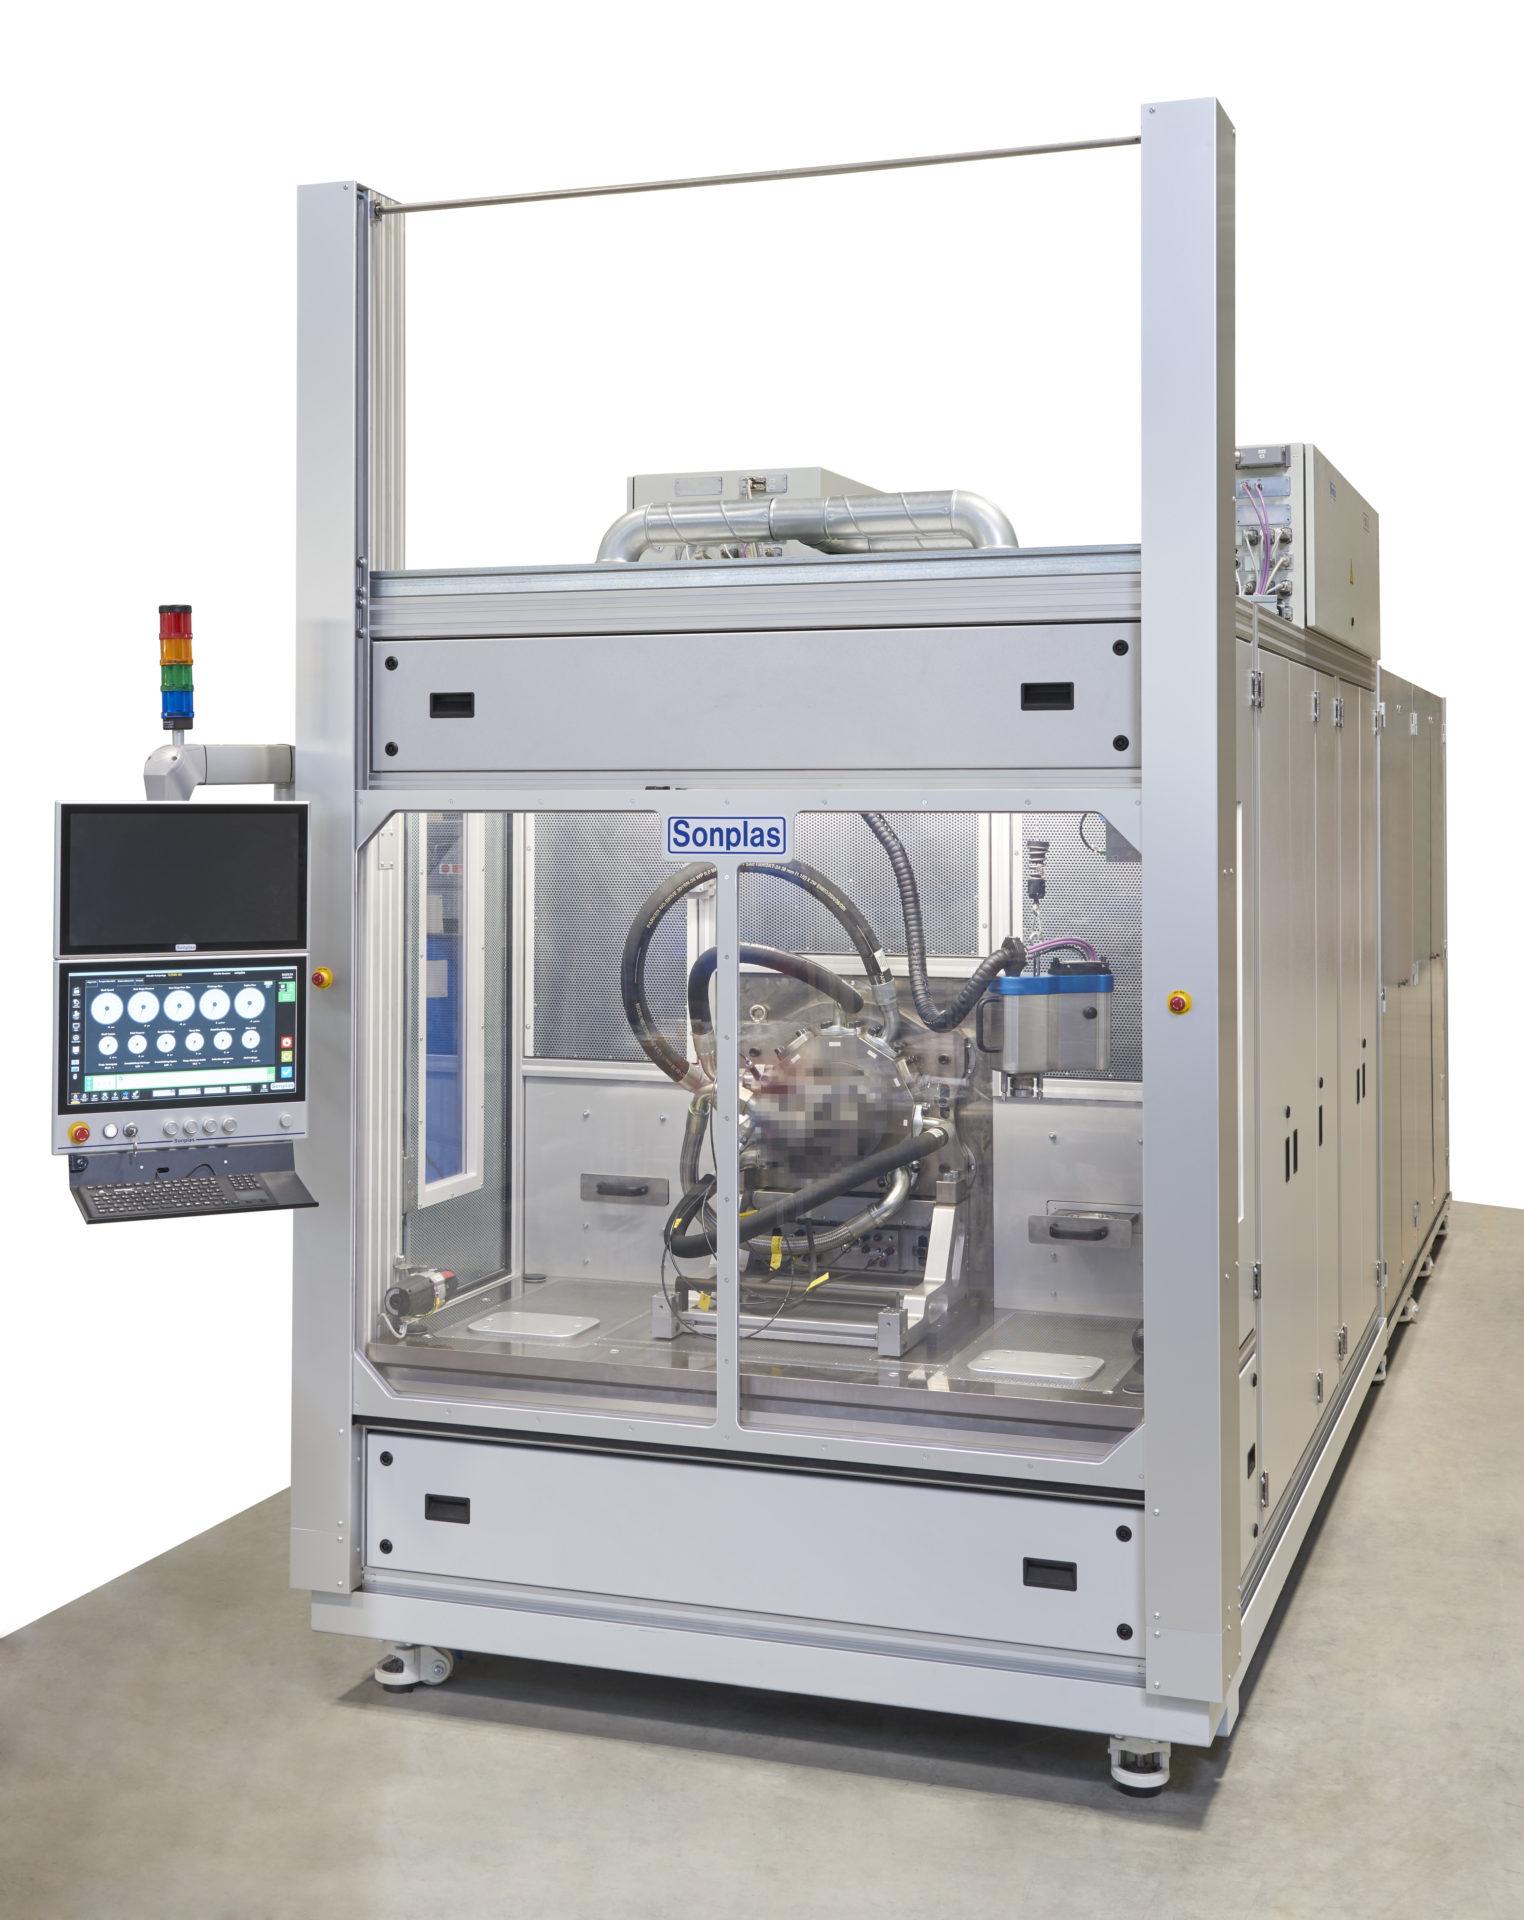 Prüfstand für Main Fuel Pumps main fuel pump test stand